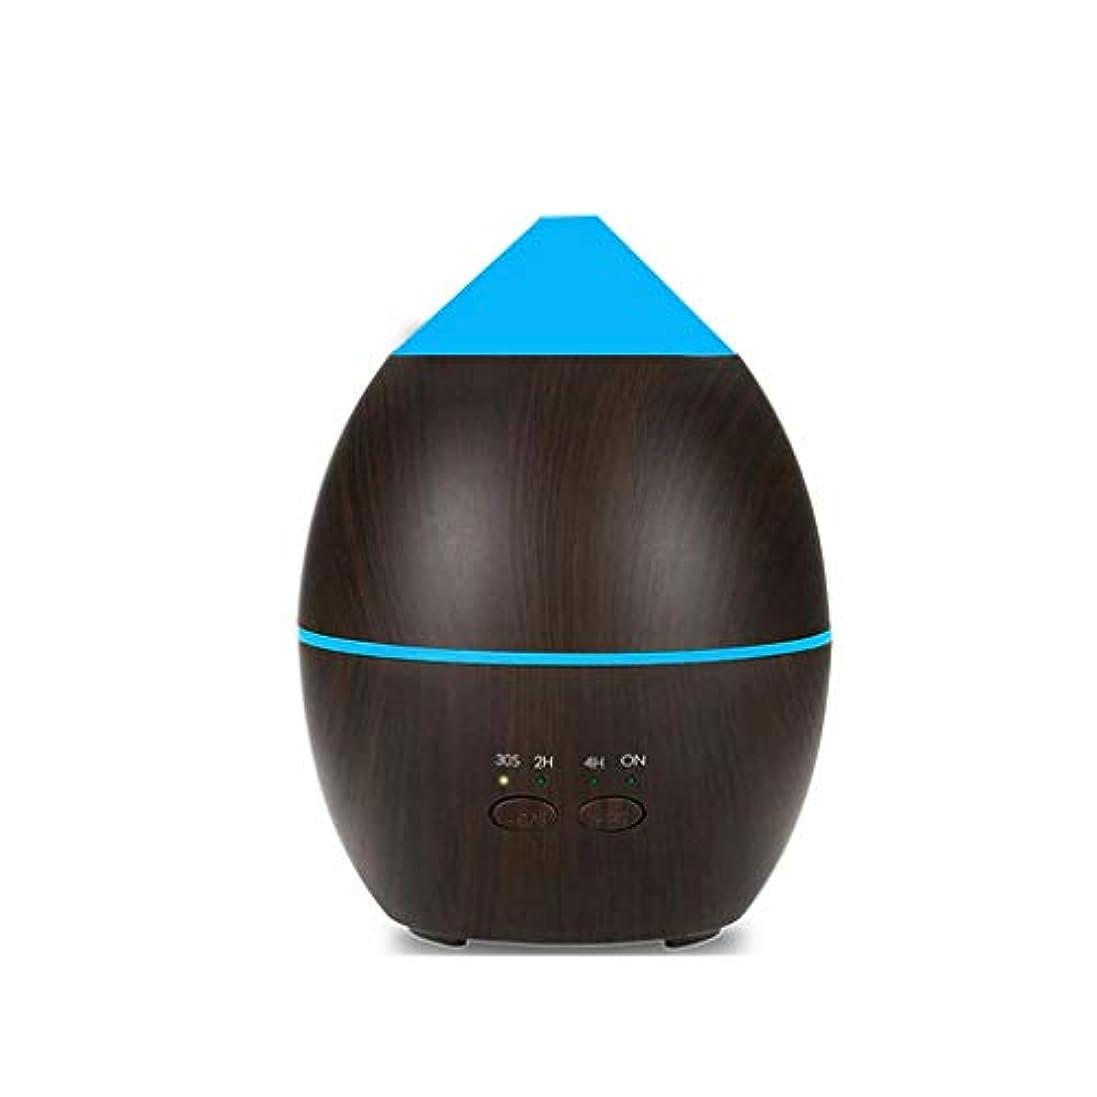 アドバンテージ購入間隔加湿器水滴モデル300ミリリットル加湿器リモコンusb 300ミリリットル、木目 (Color : Brown)